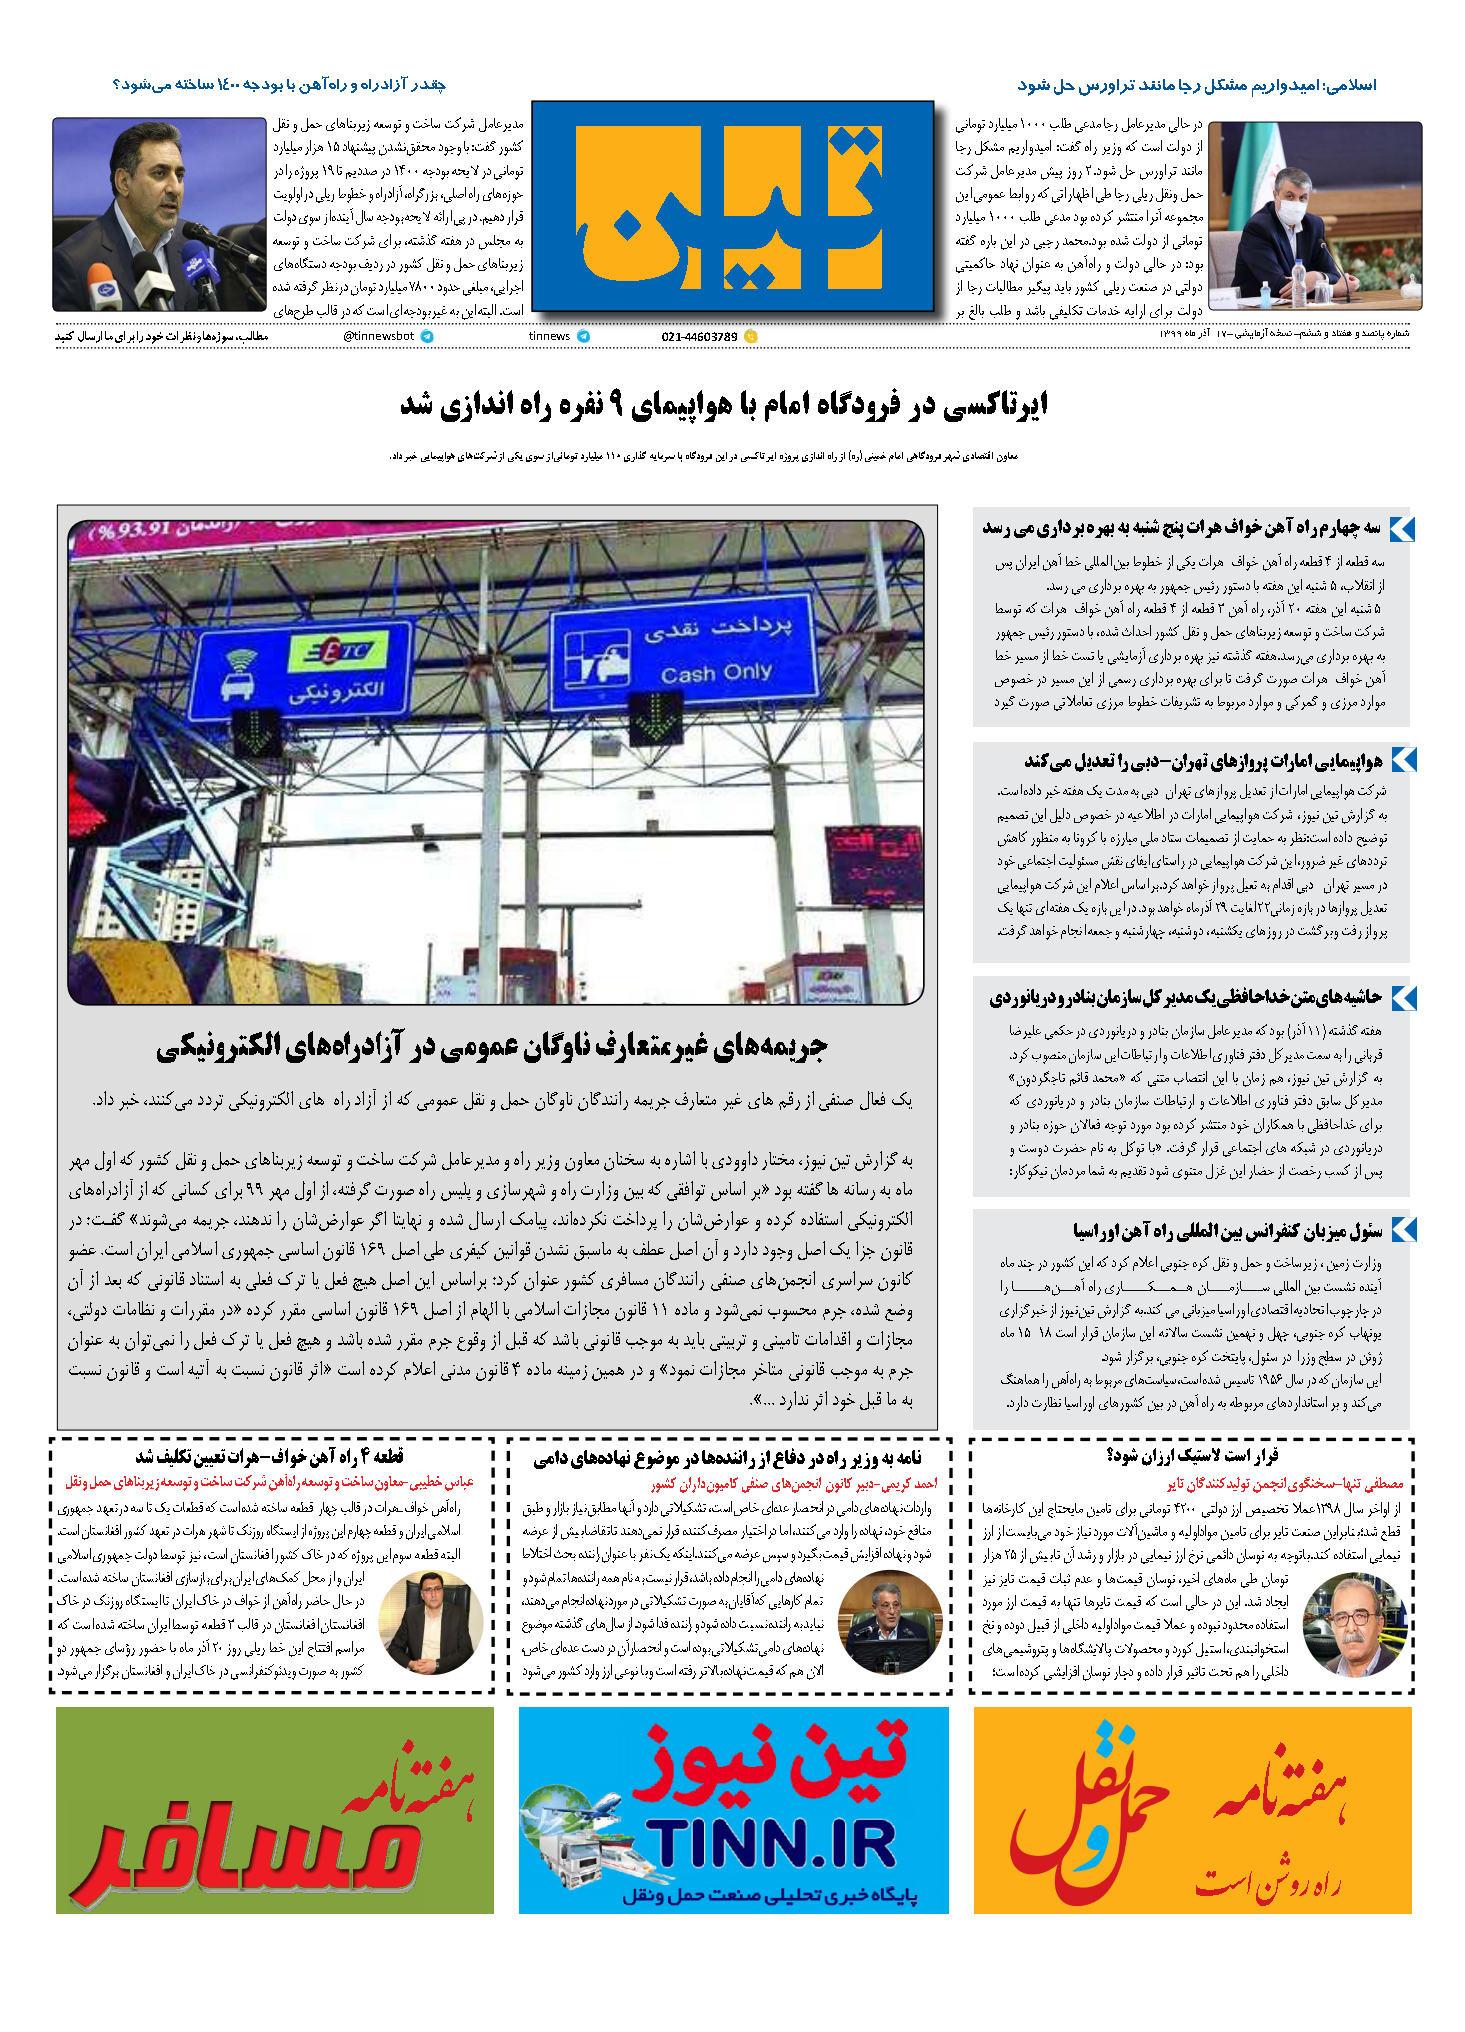 روزنامه الکترونیک 17 آذر ماه 99